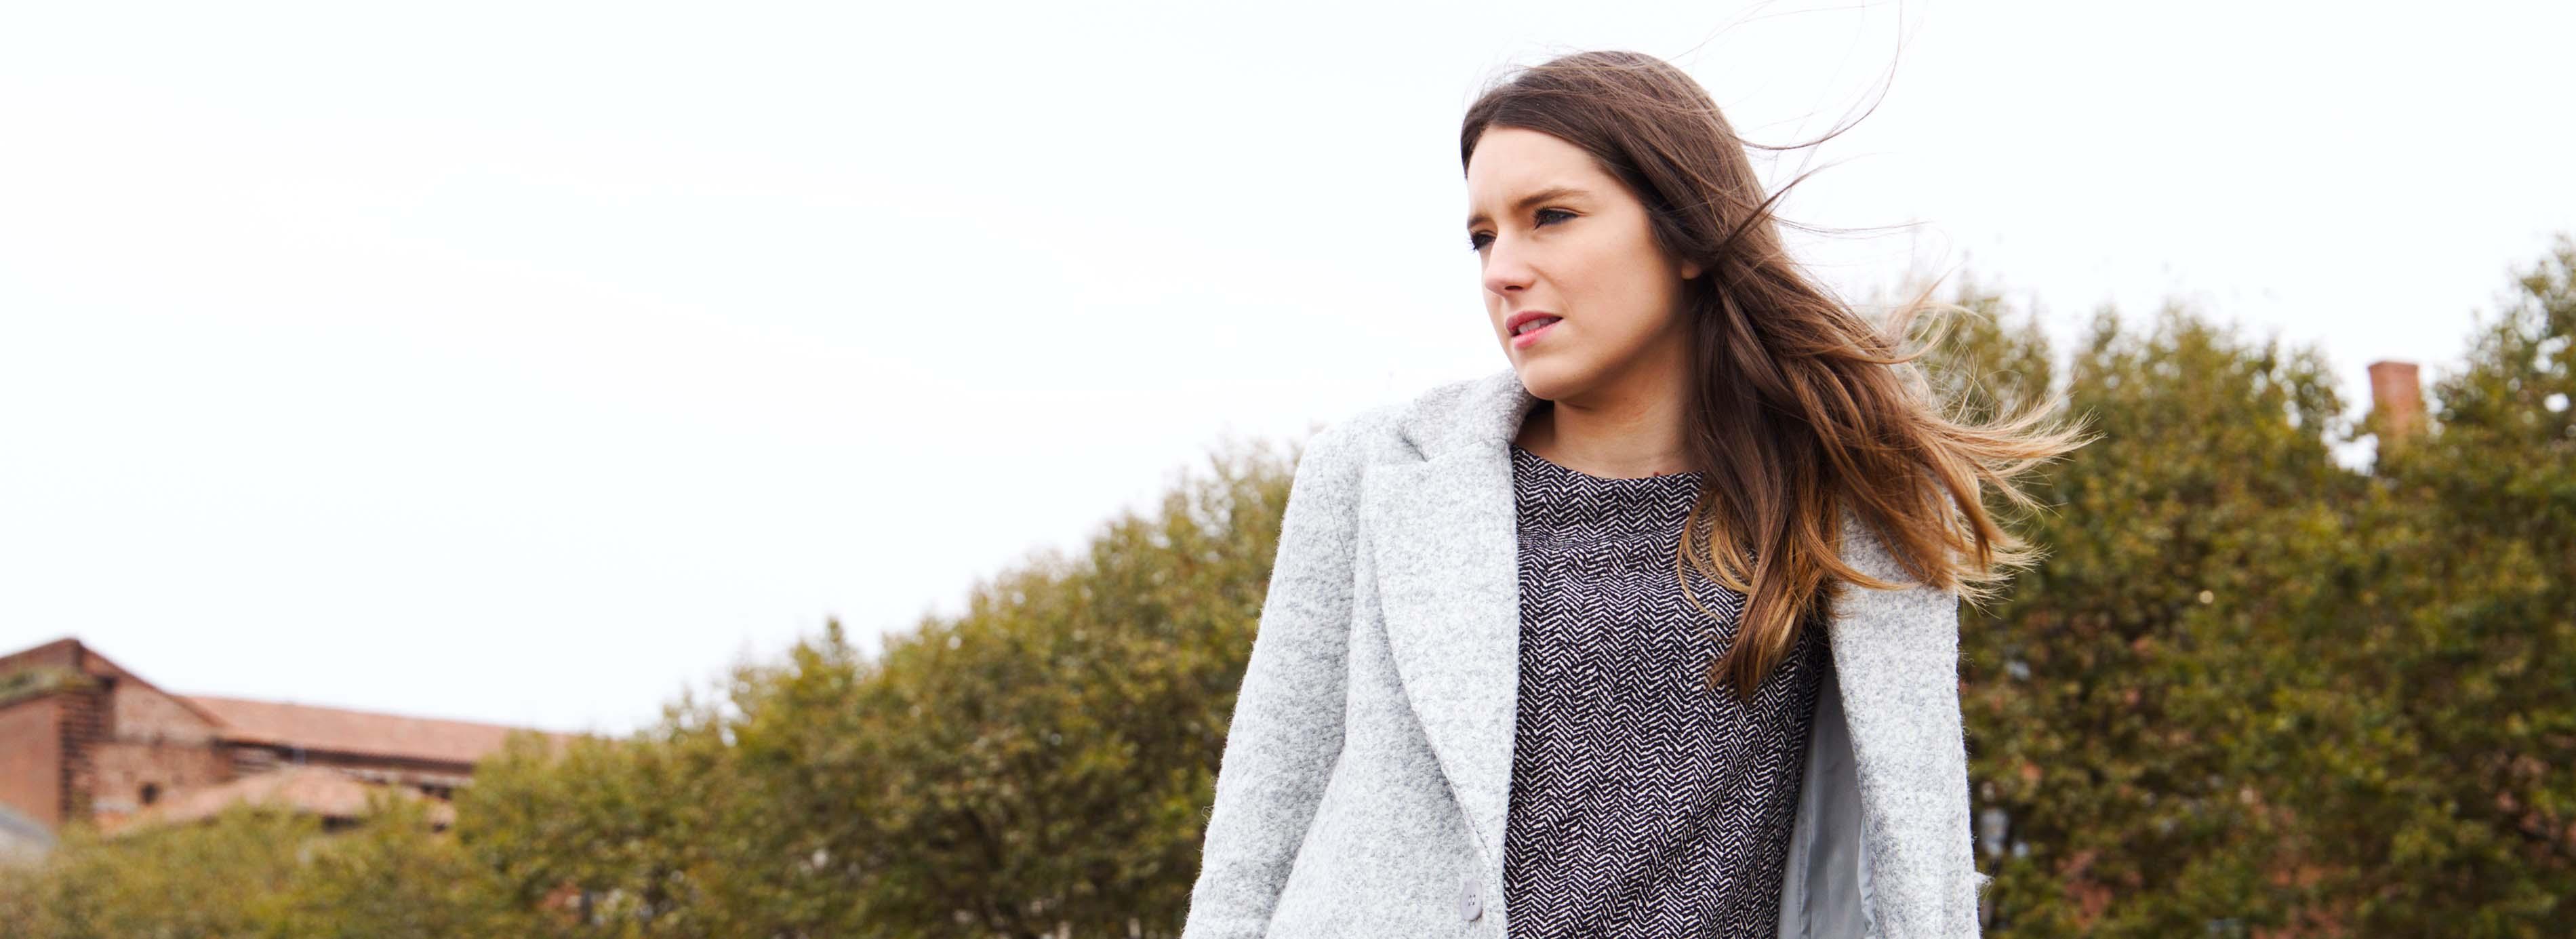 Manteau droit gris clair en laine robe working girl droite confortable noir et blanc